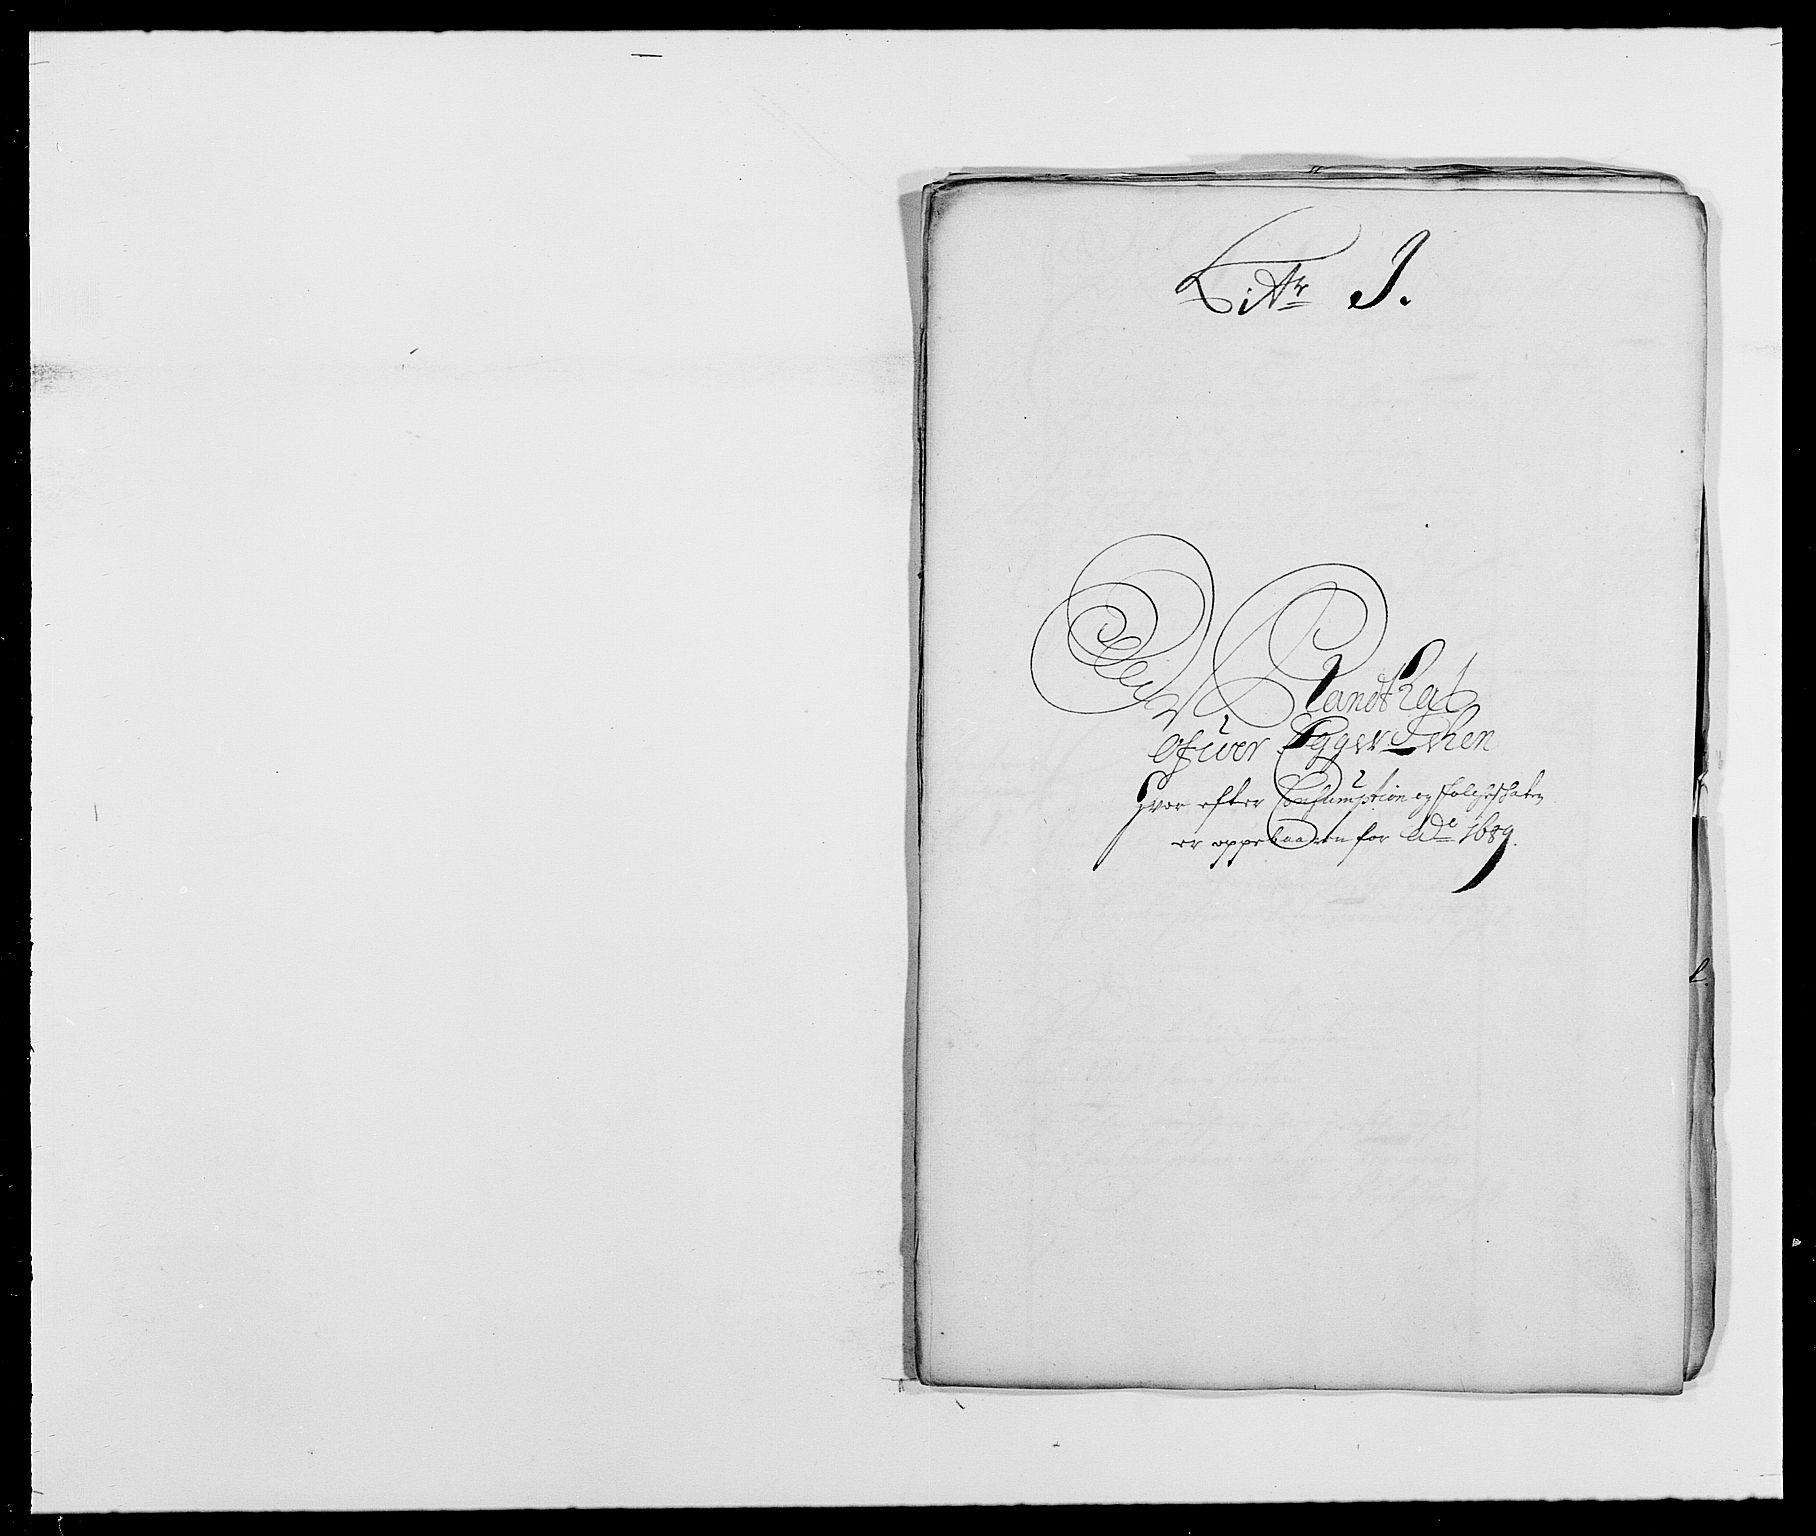 RA, Rentekammeret inntil 1814, Reviderte regnskaper, Fogderegnskap, R28/L1688: Fogderegnskap Eiker og Lier, 1687-1689, s. 432